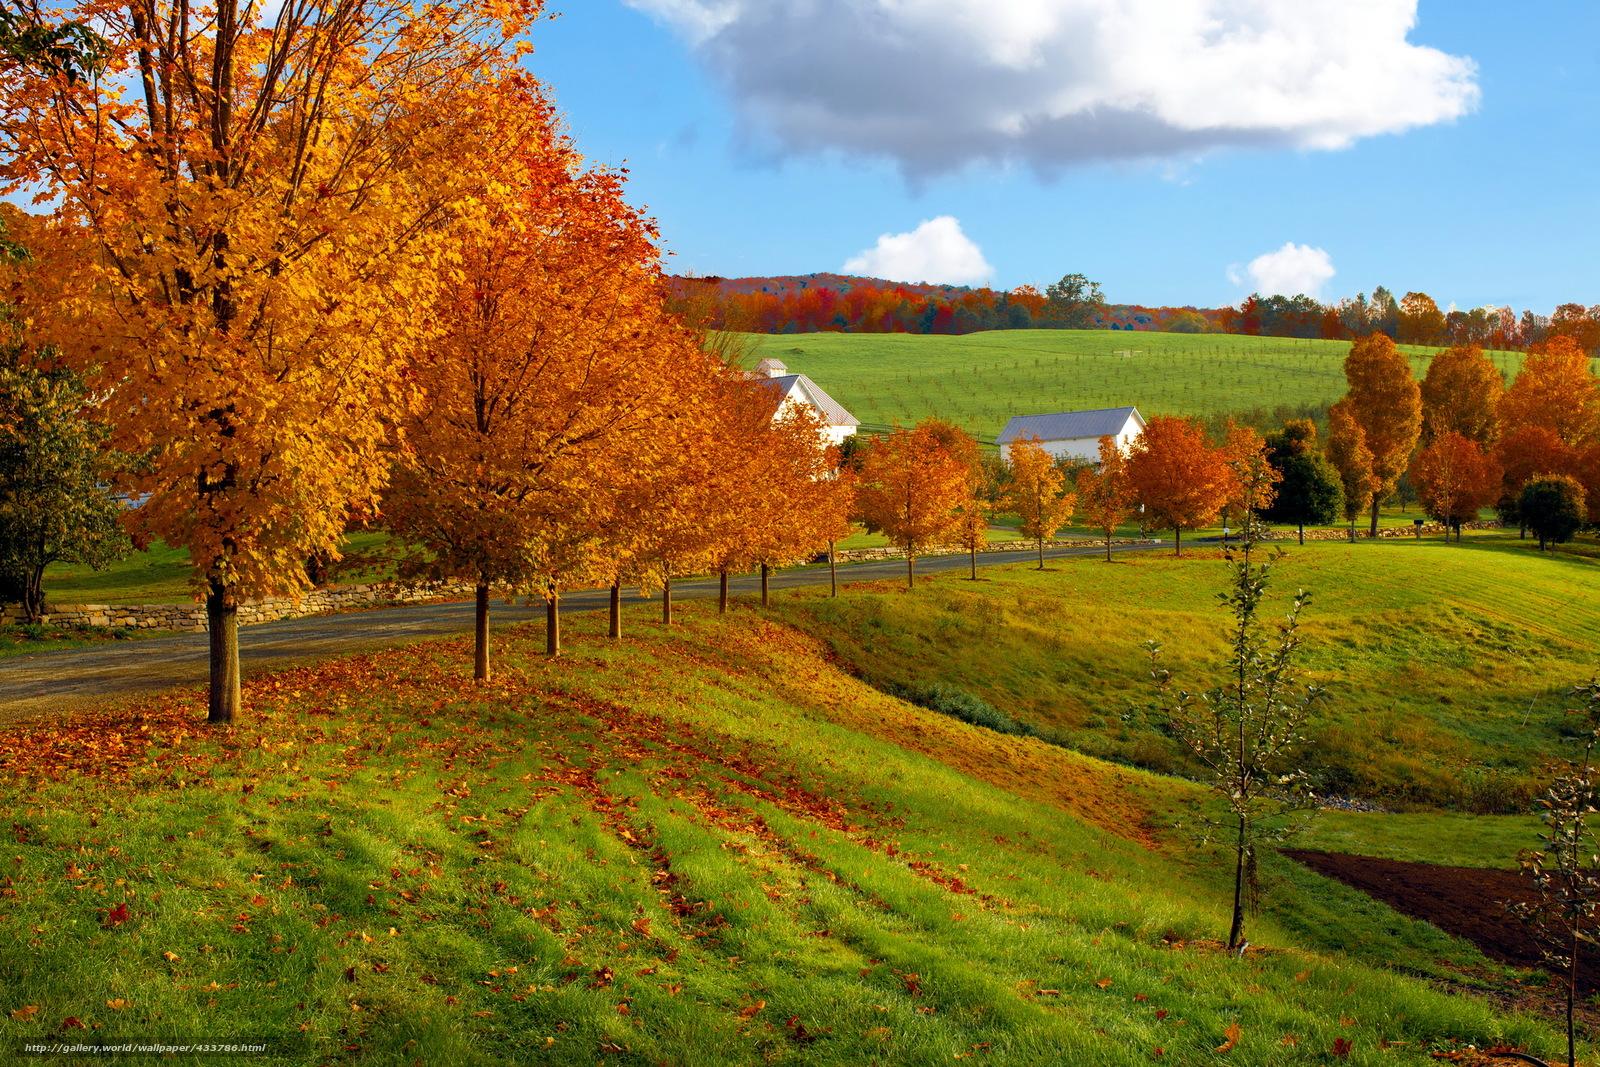 Скачать обои осень,  дорога,  поля,  дома бесплатно для рабочего стола в разрешении 2220x1480 — картинка №433786